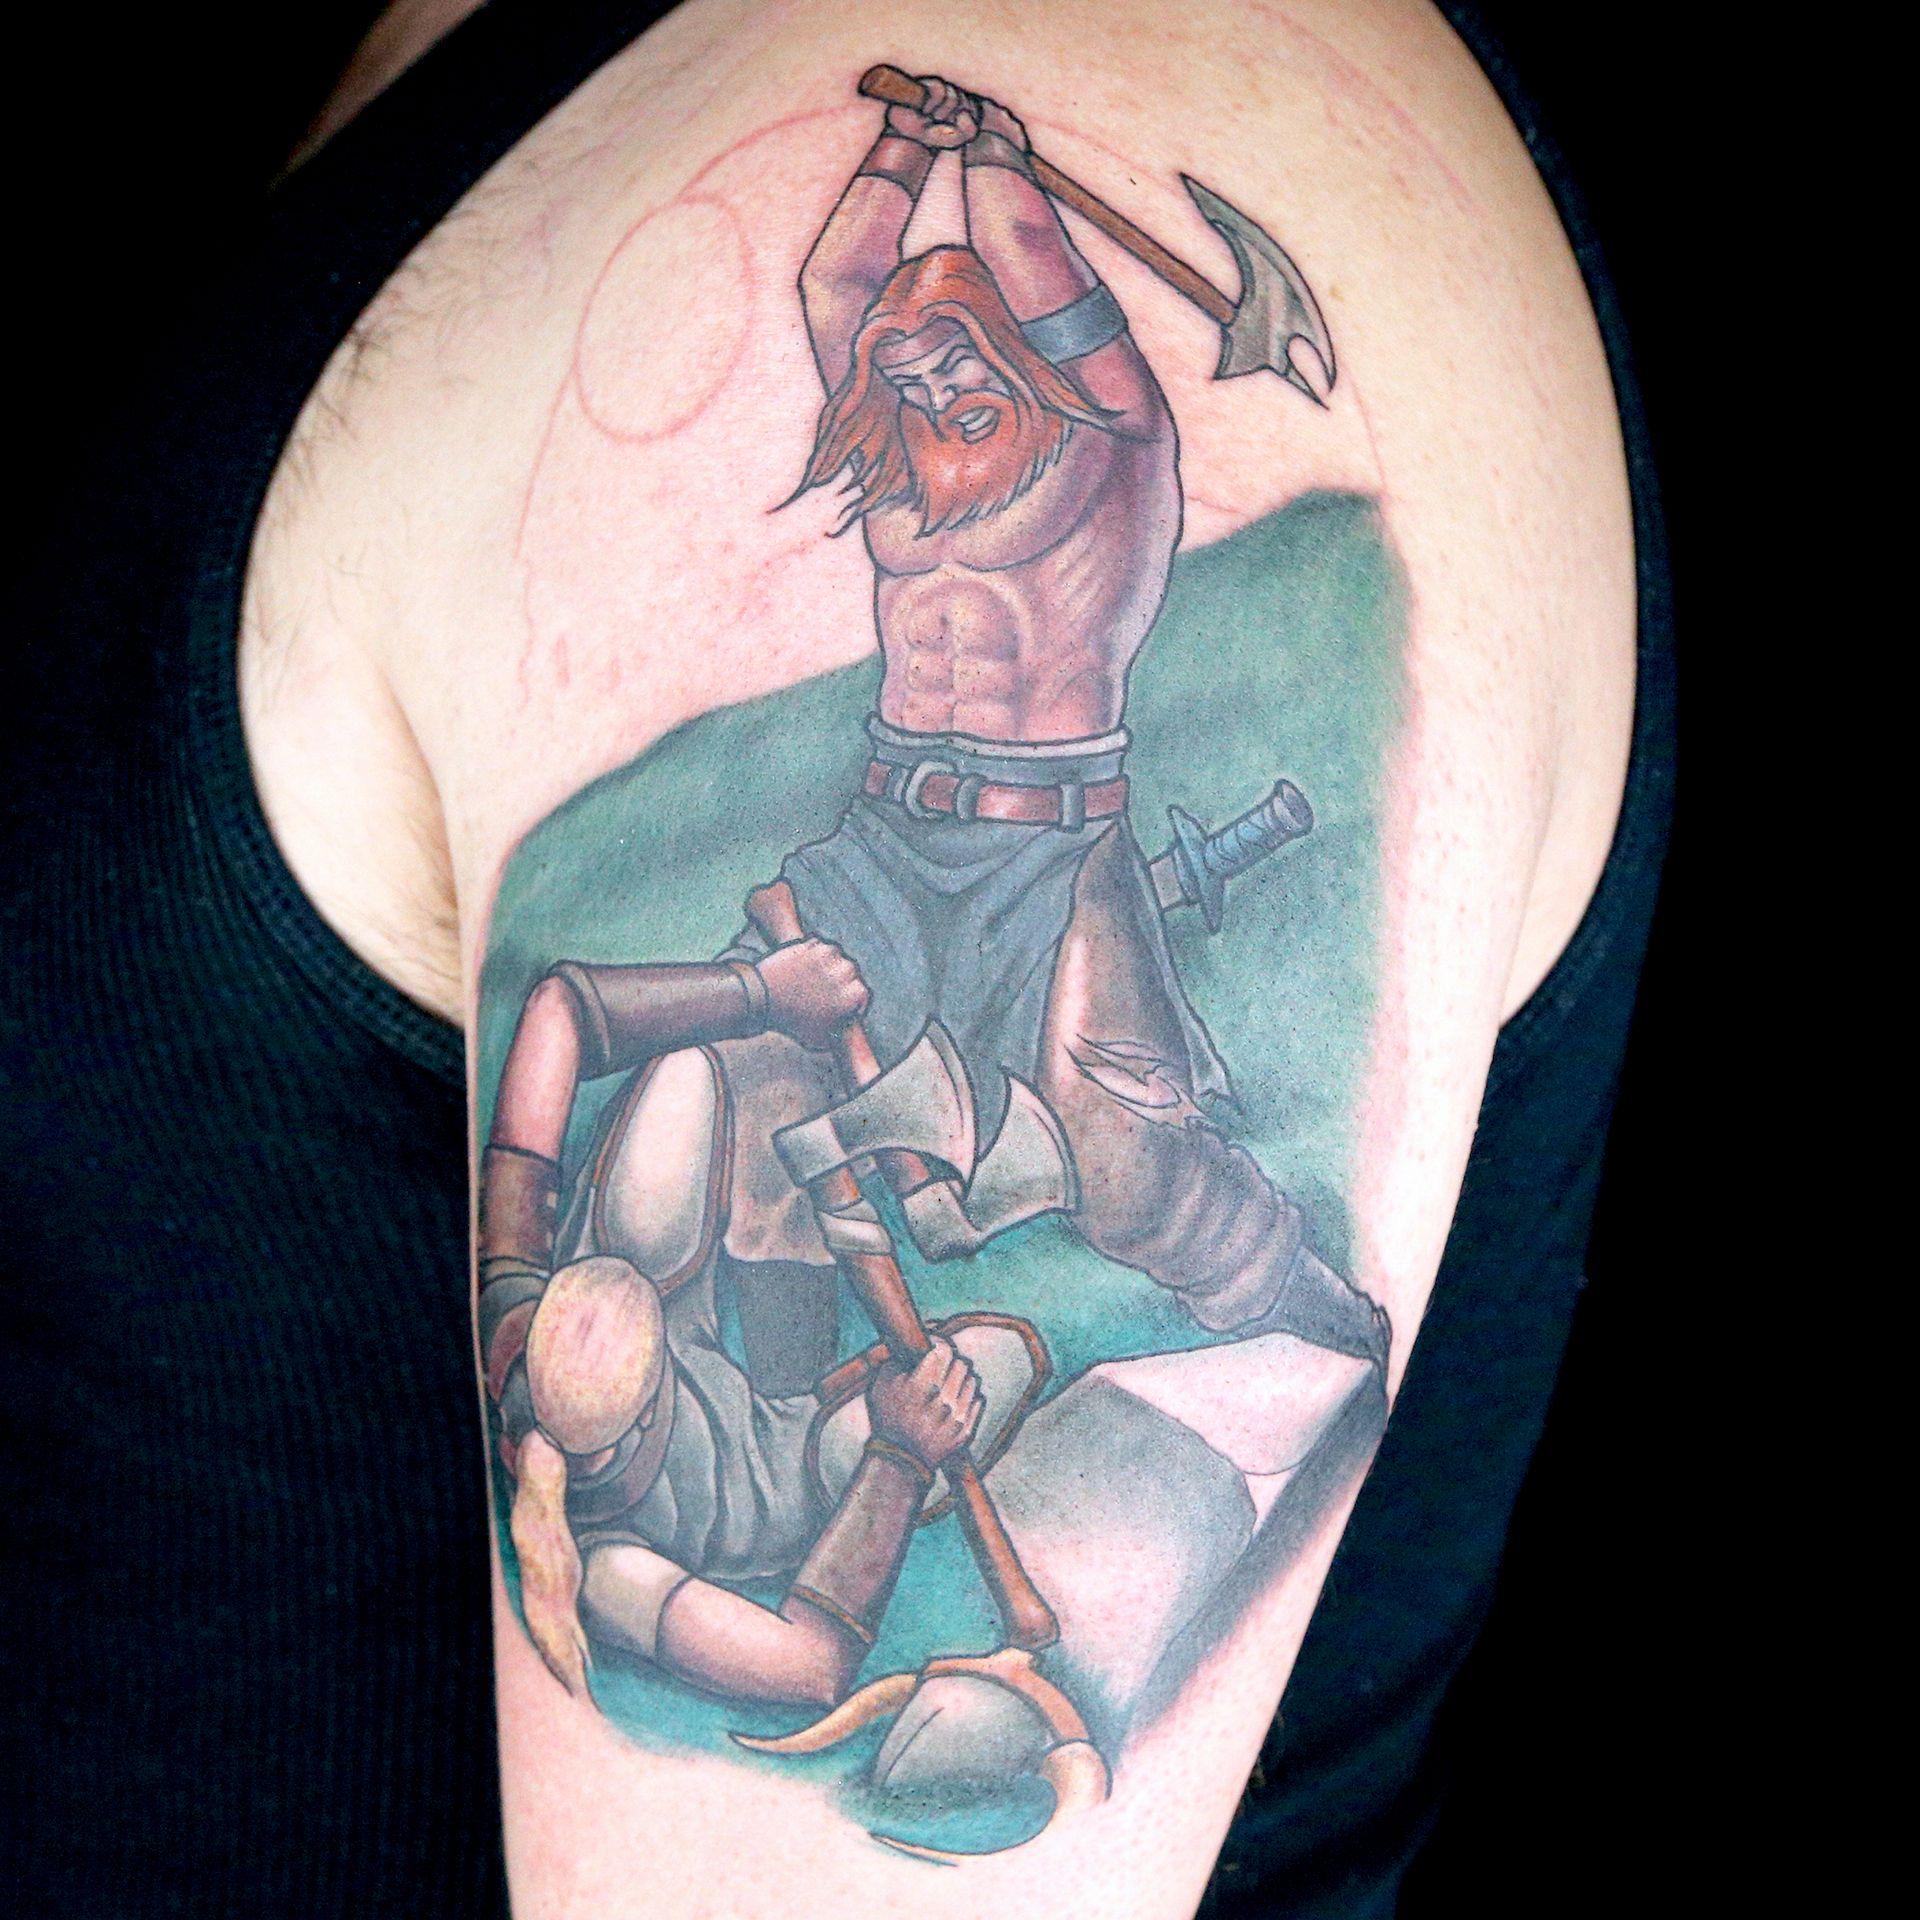 Color Realistic Battle Scene Tattoo By Classic Trilogy Tattoo Thom Bulman Derek Zielinski Ink Master Portrait Tattoo Tattoos